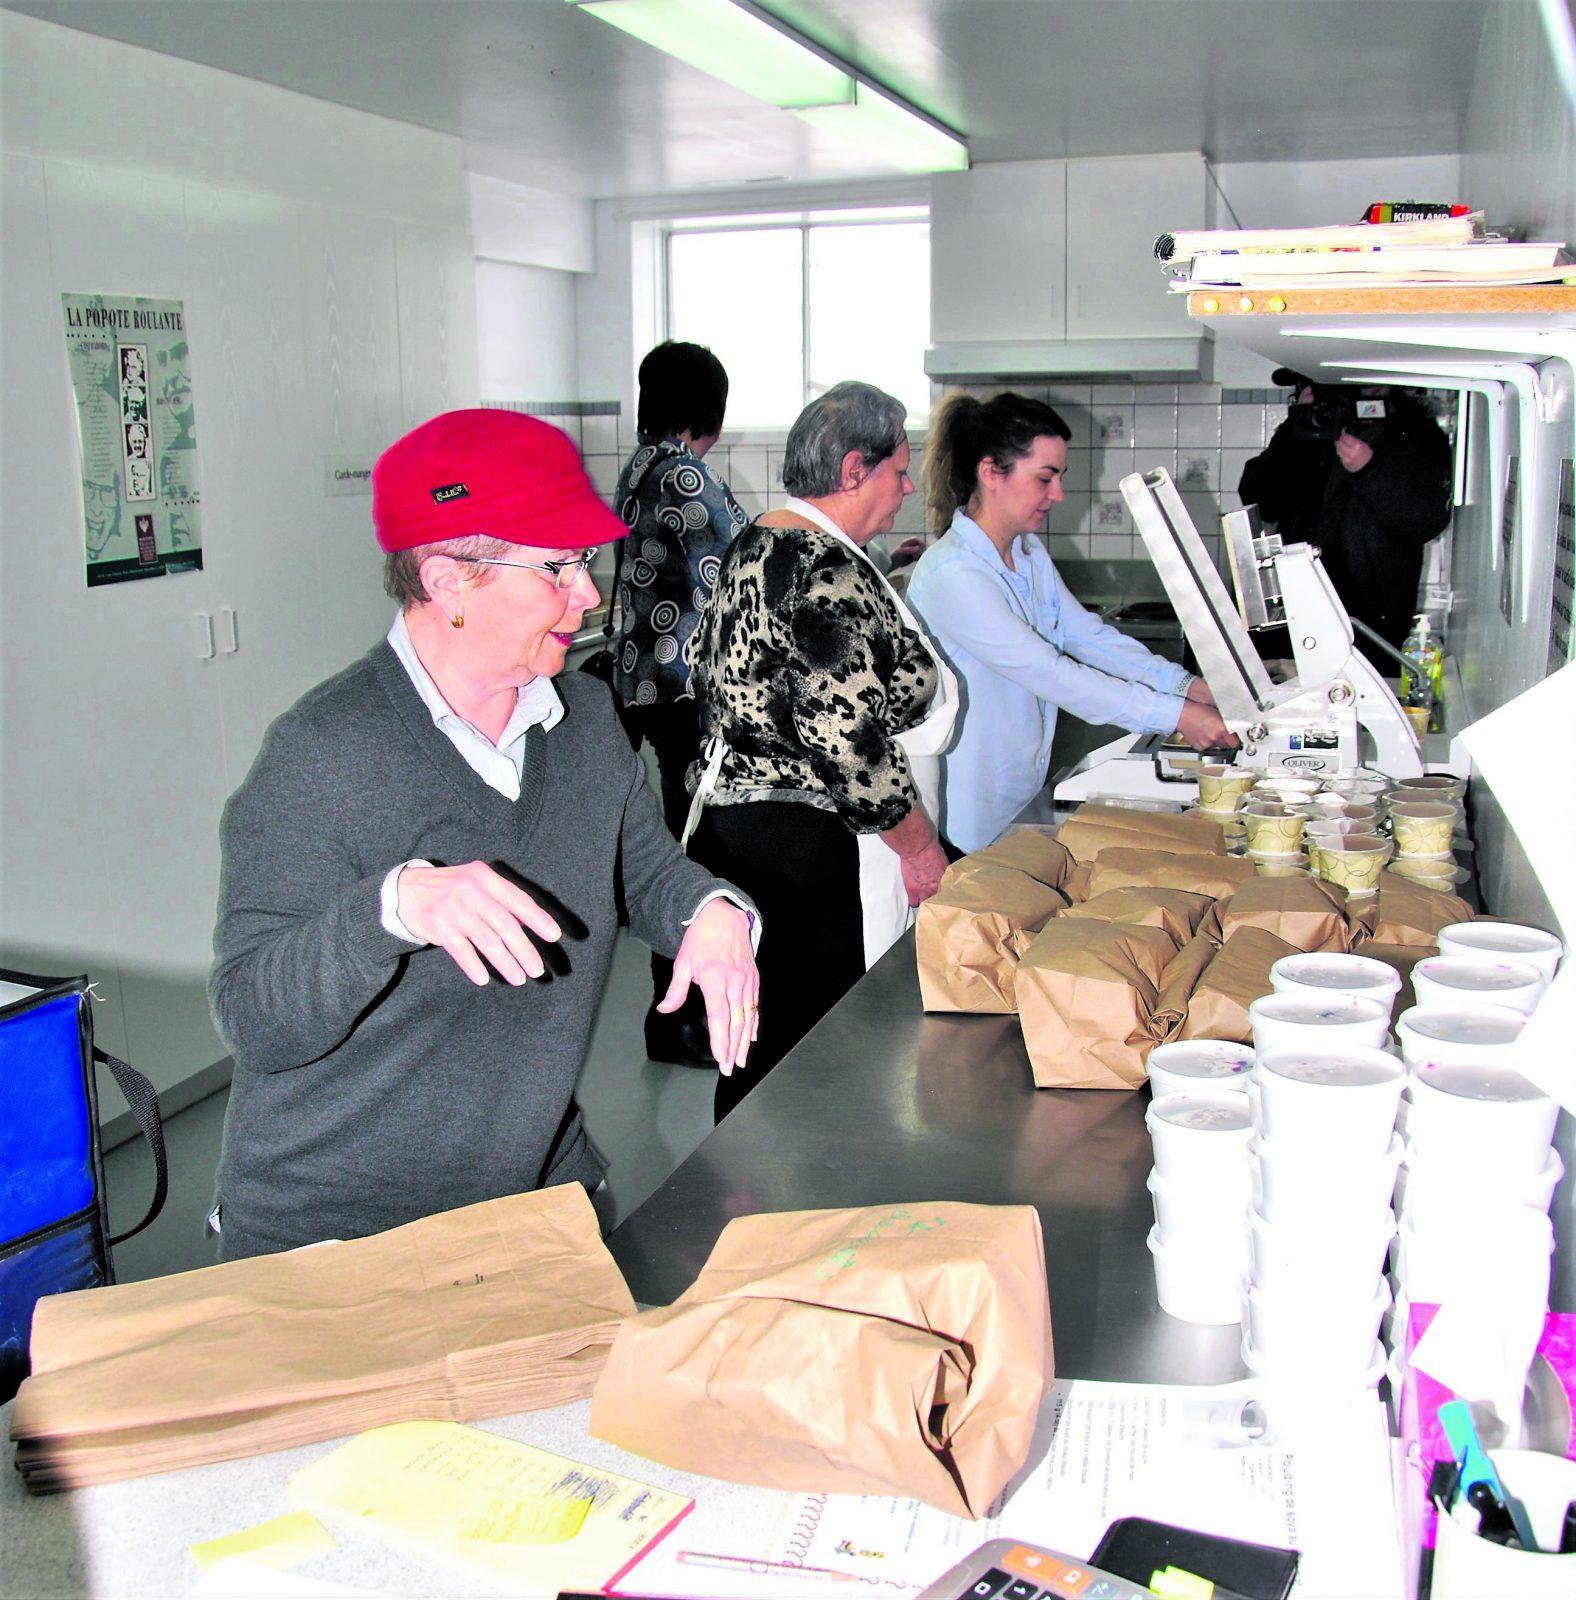 La popote roulante du Centre d'action bénévole le Nordest – Une présence rassurante depuis 23 ans